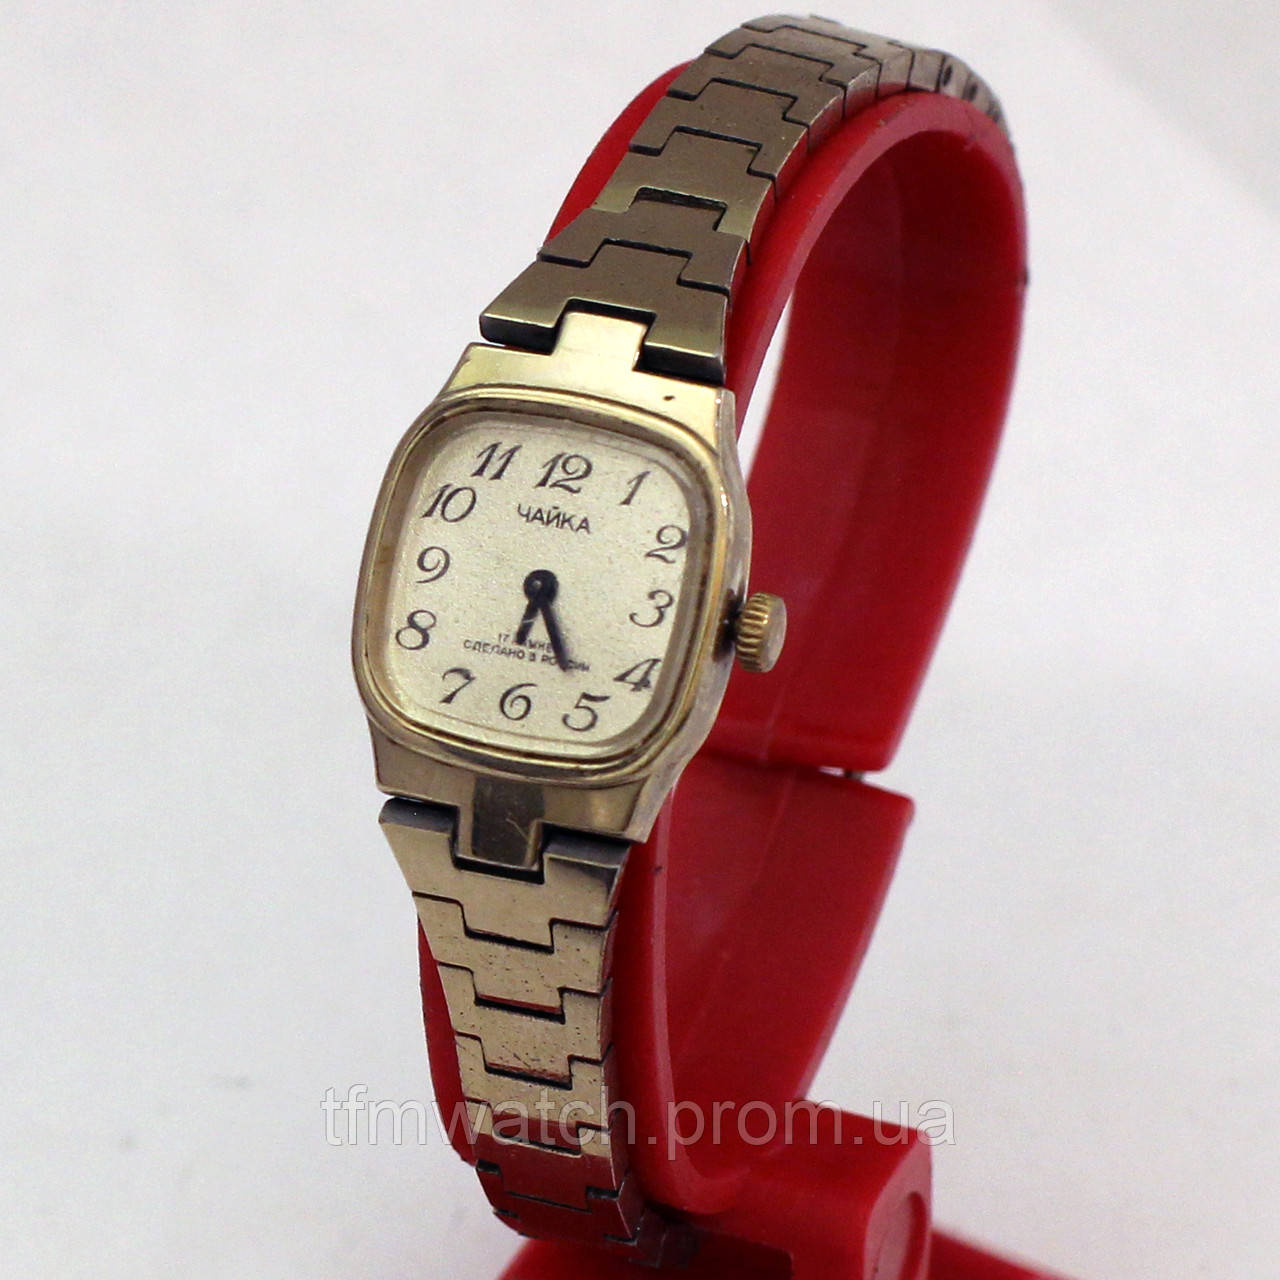 Наручные женские часы Чайка